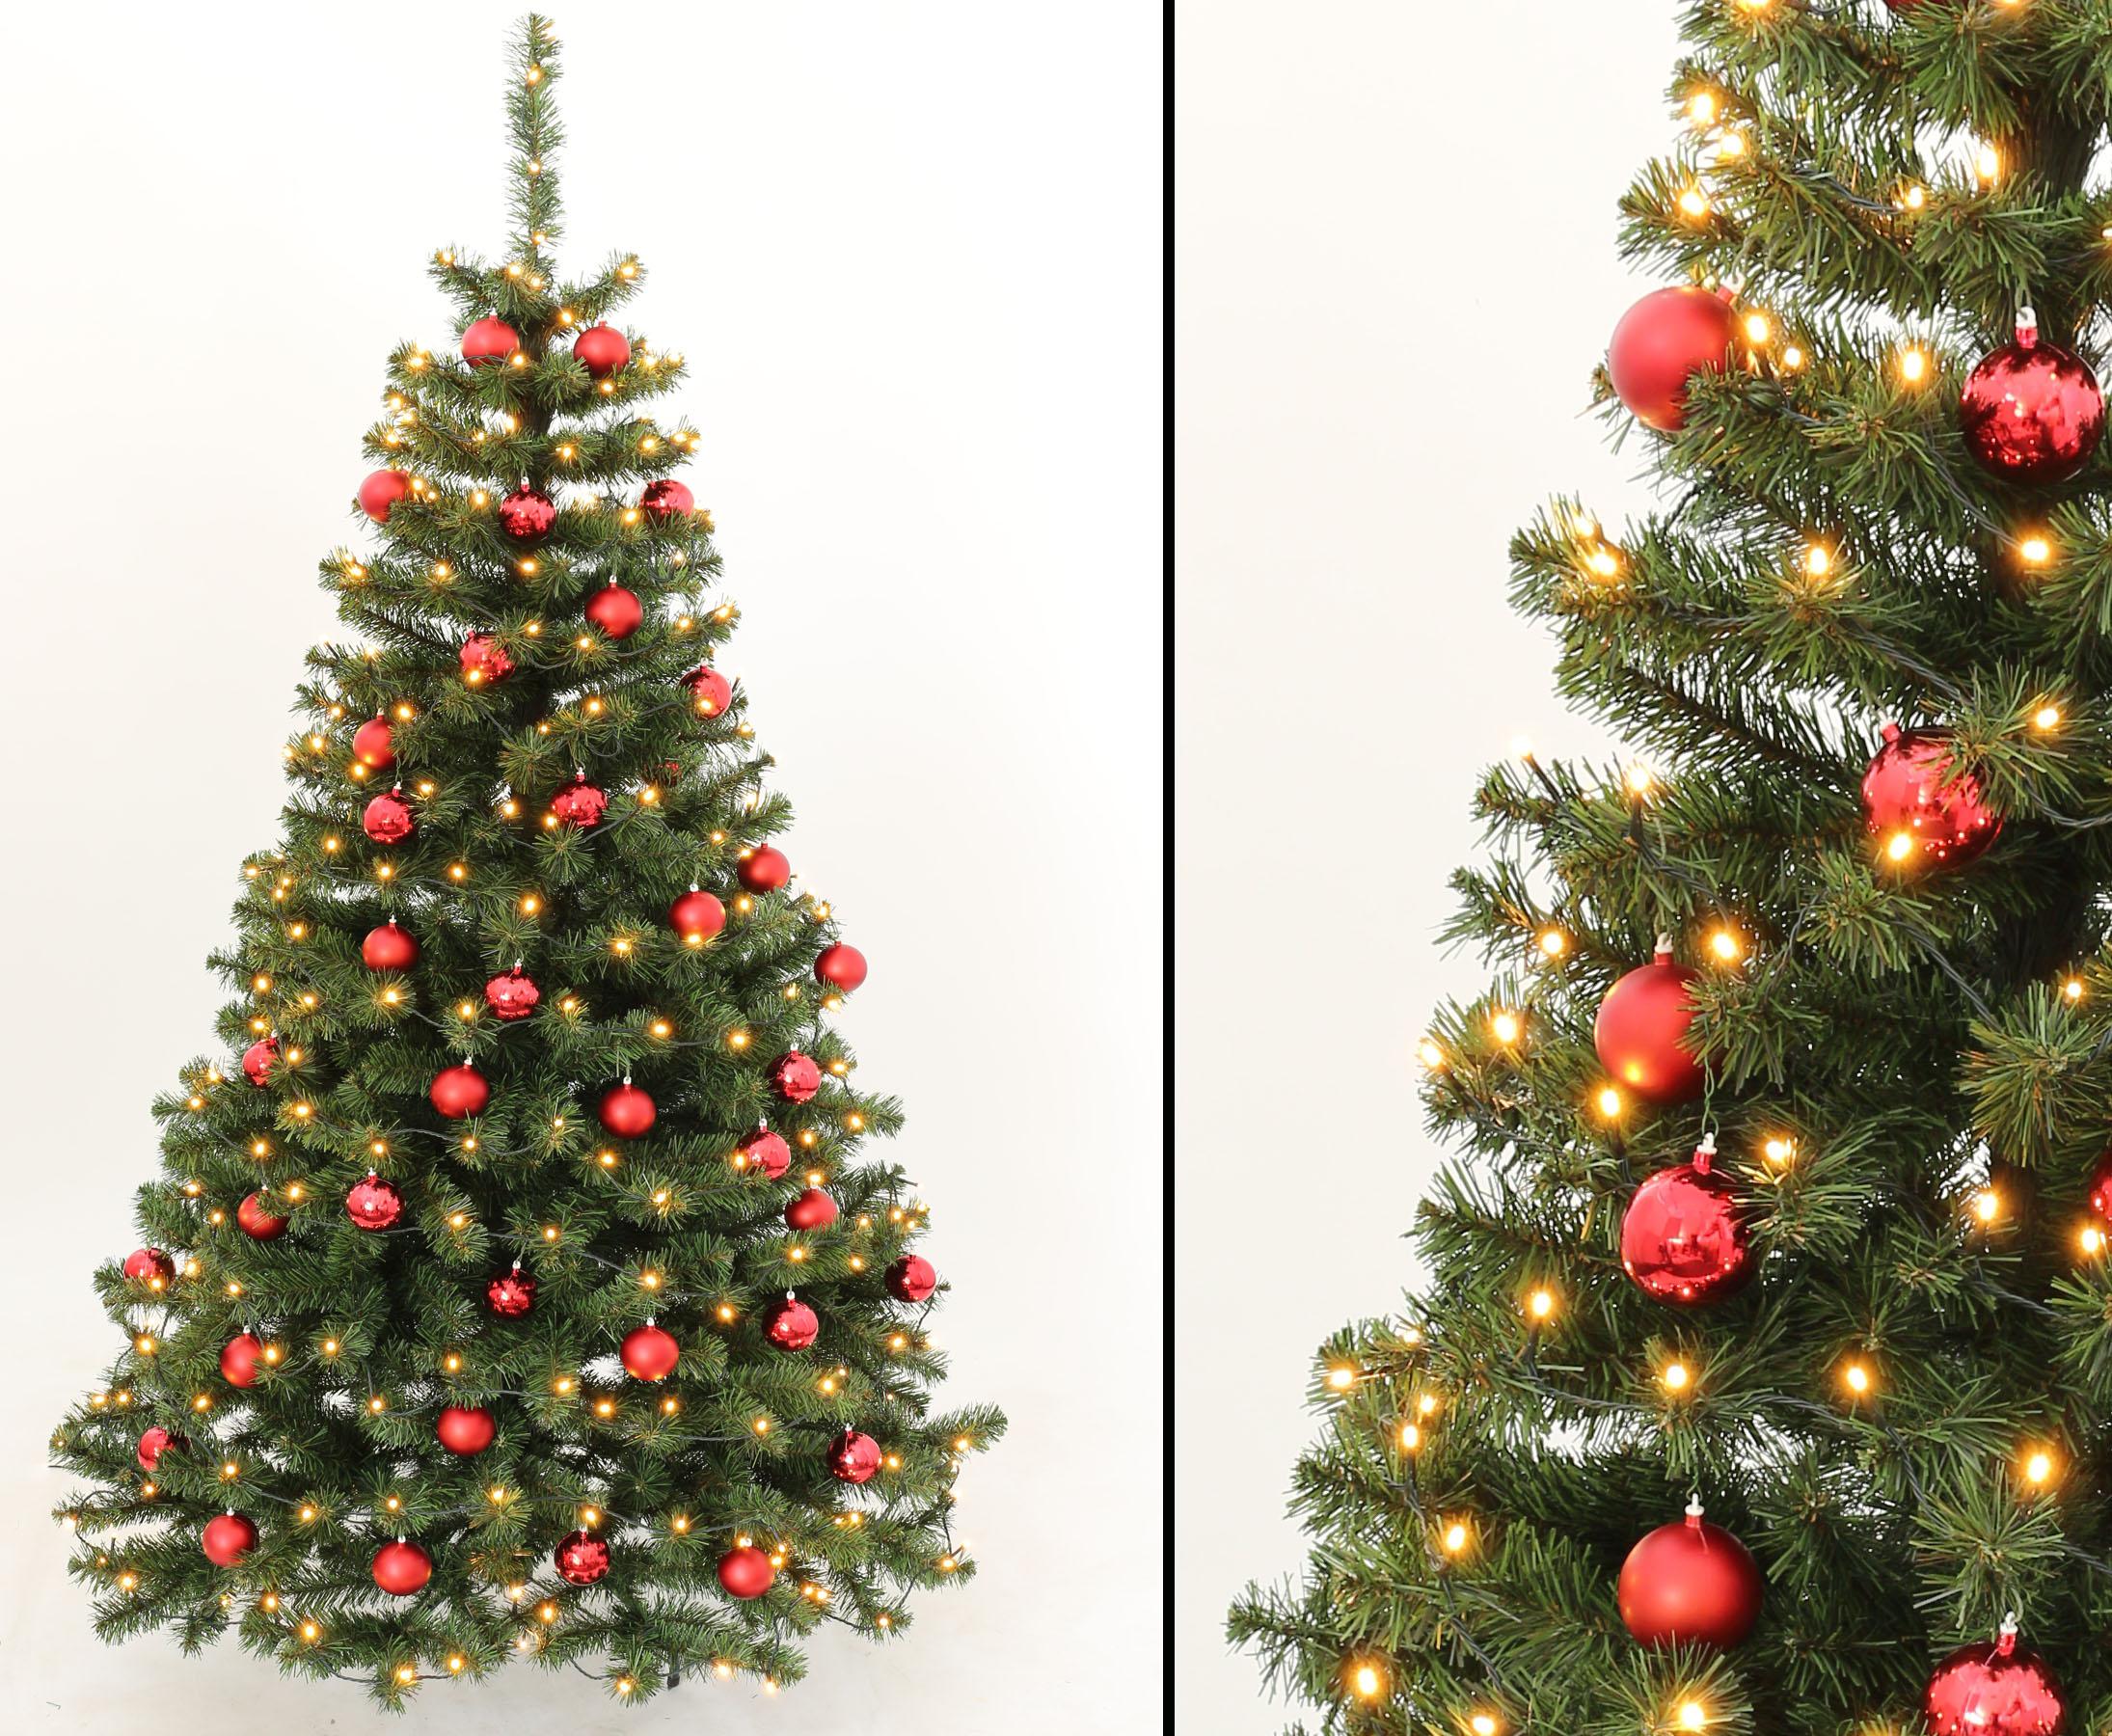 weihnachtsb ume mit beleuchtung g nstig online kaufen. Black Bedroom Furniture Sets. Home Design Ideas